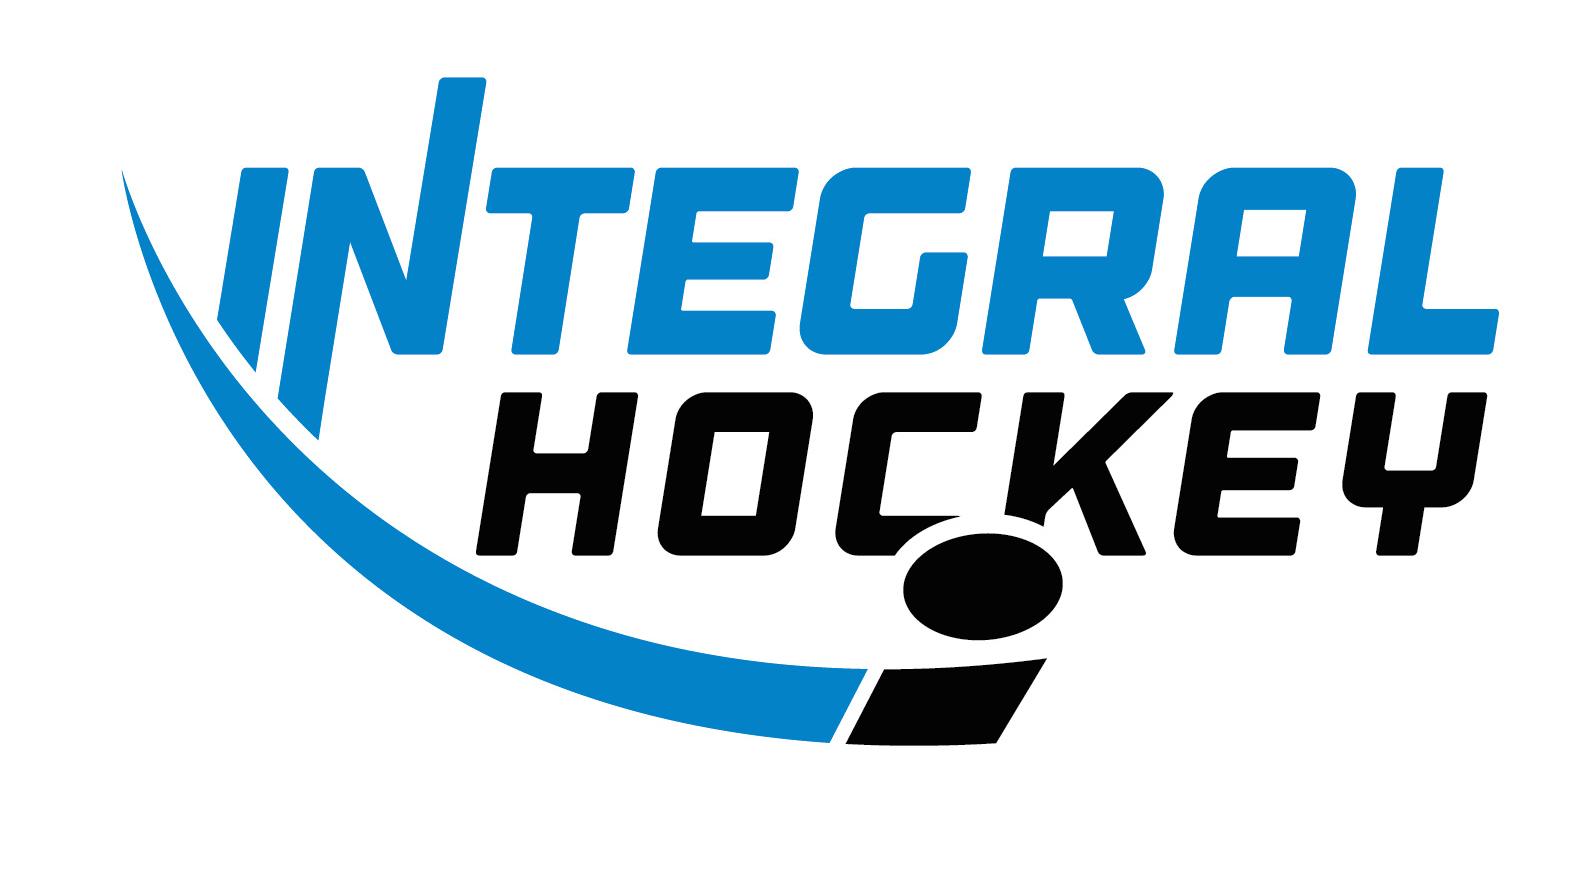 integral hockey gives life to broken sticks minnesota hockey